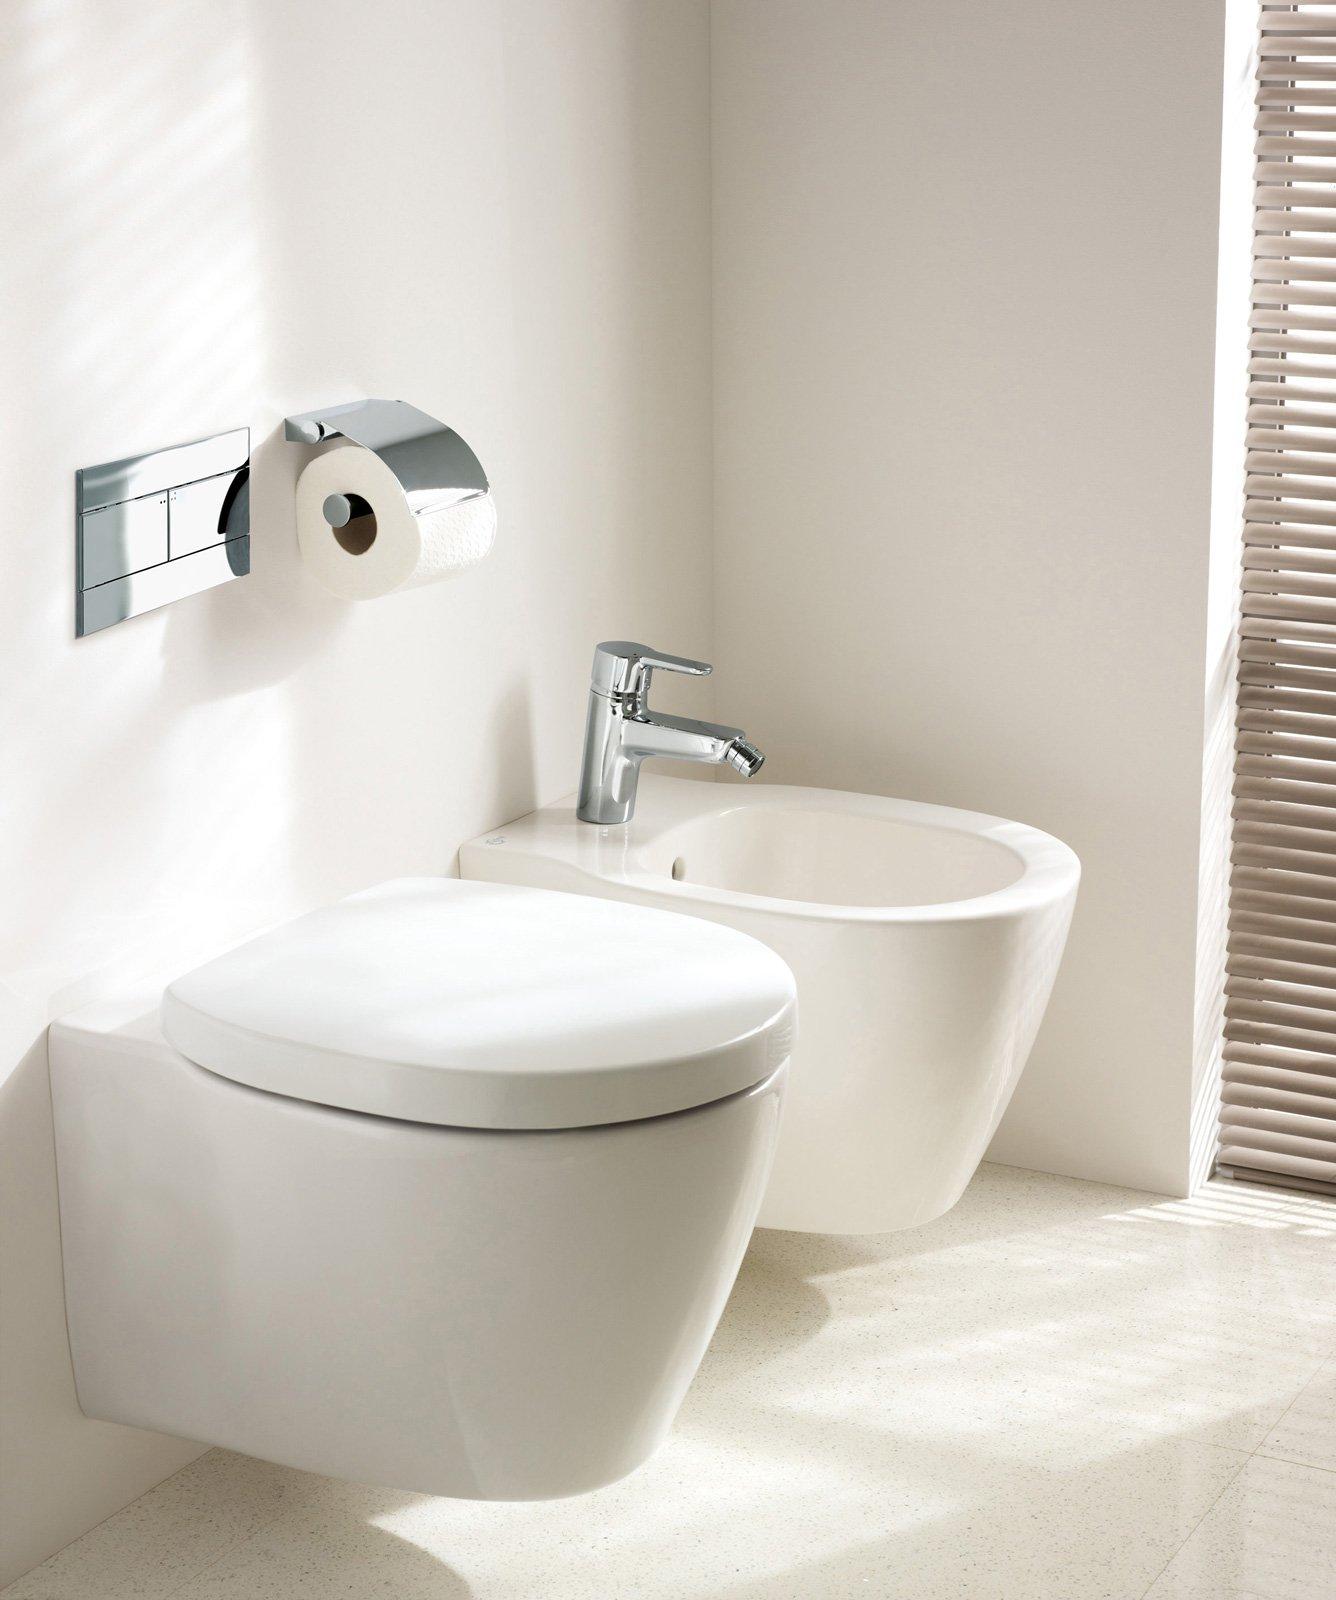 Sanitari Per Bagni Piccoli : Salvaspazio per il bagno water e bidet piccoli cose di casa